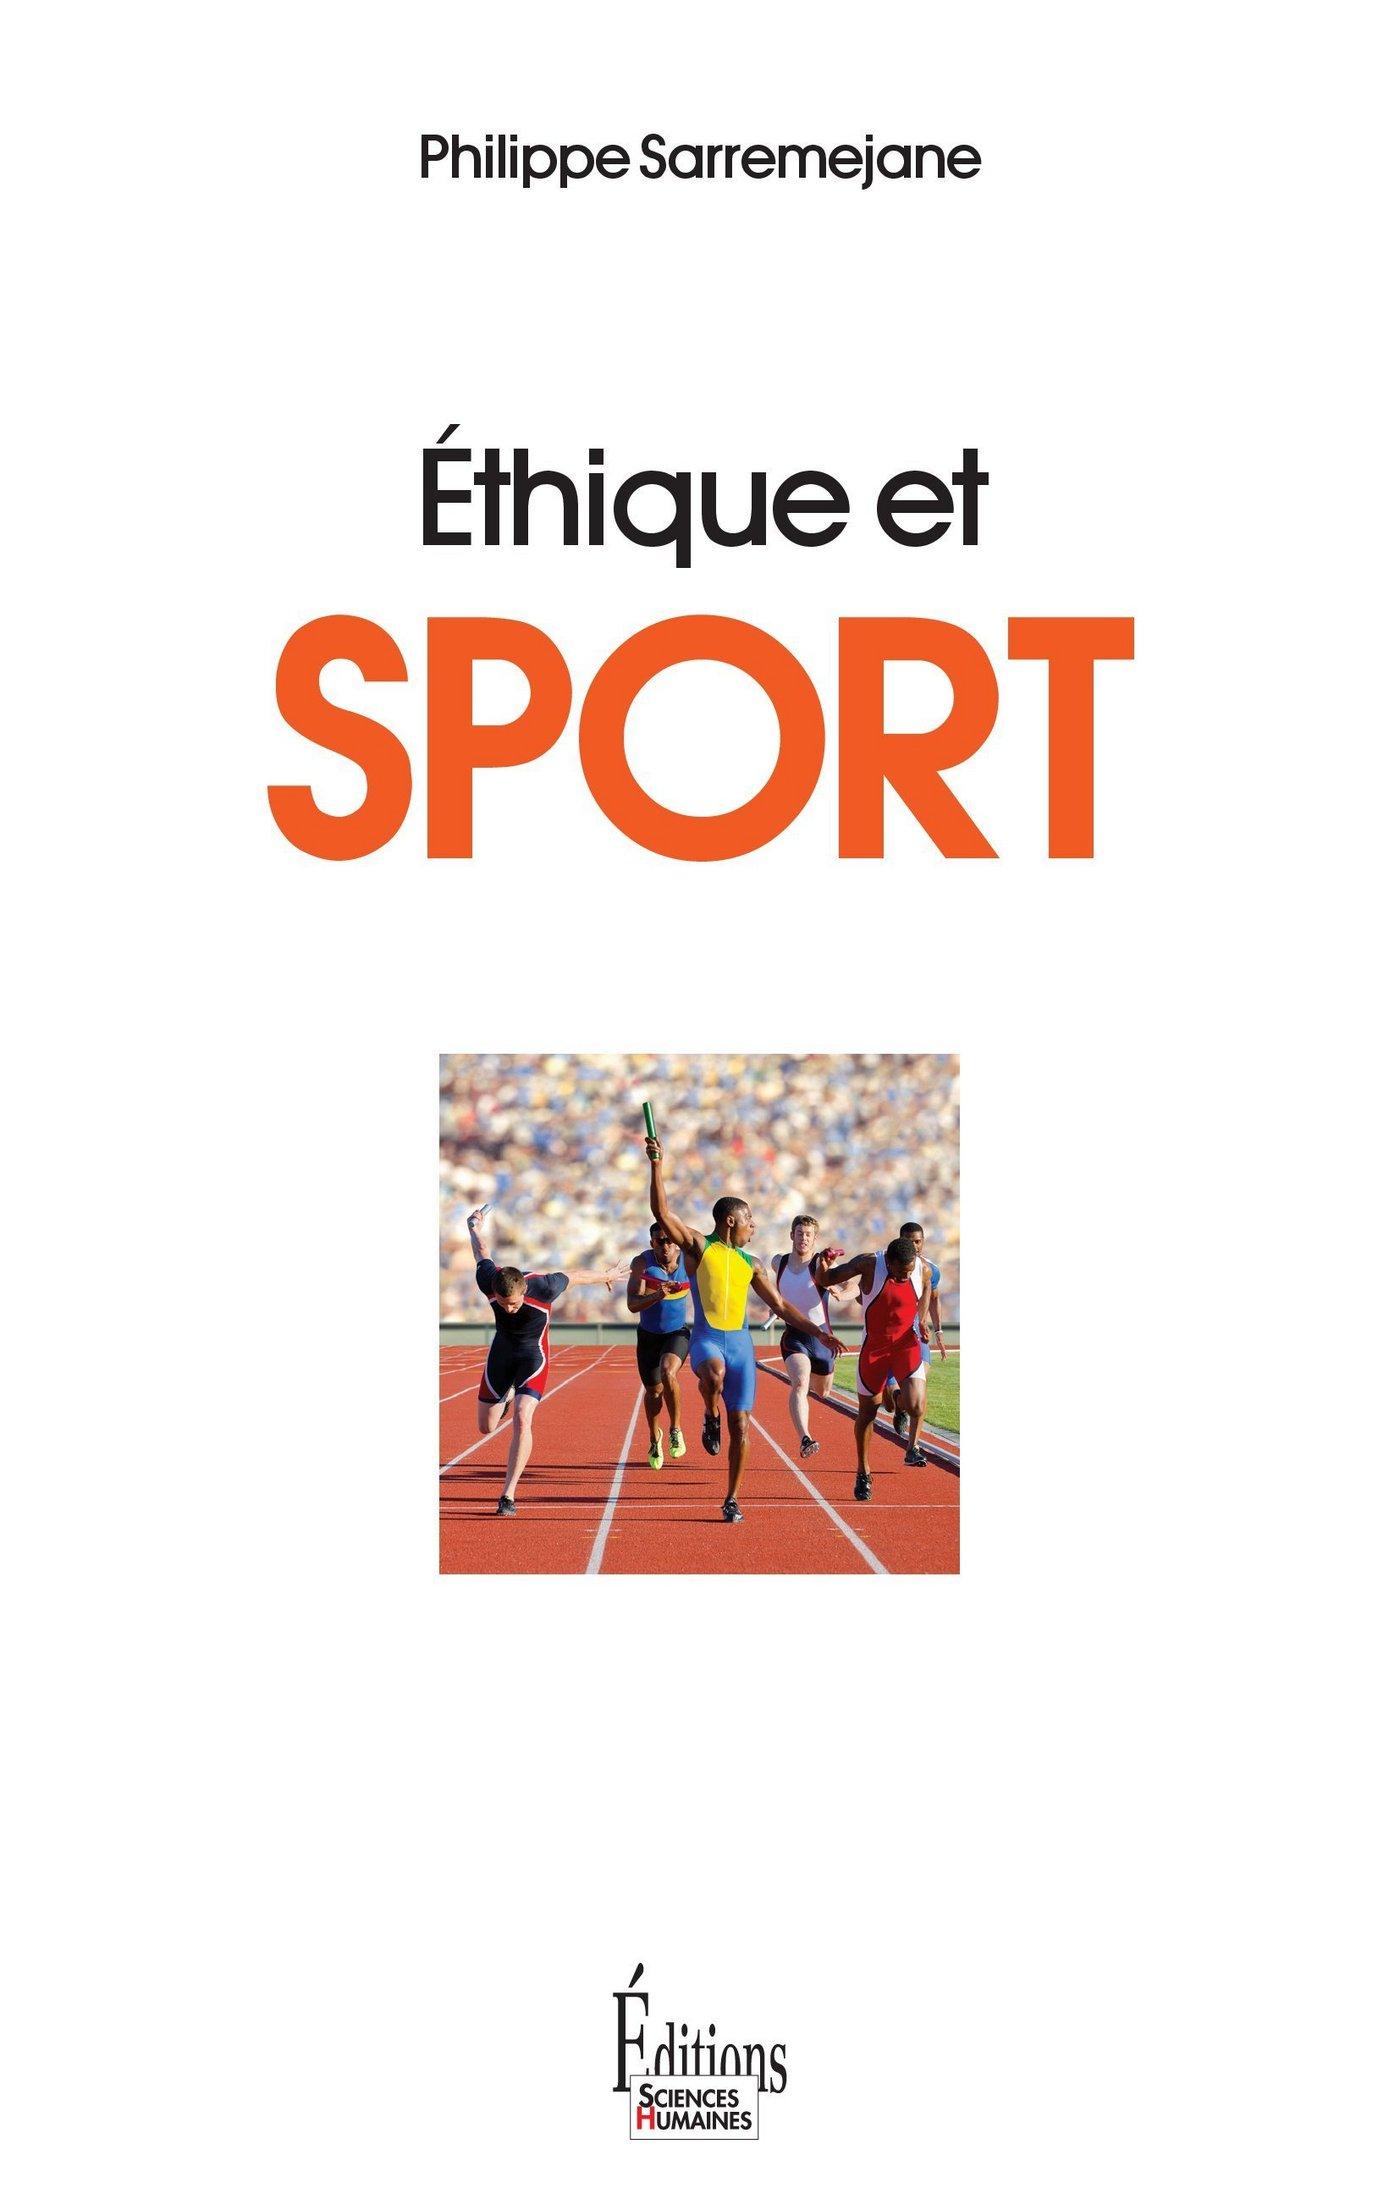 Ethique et sport